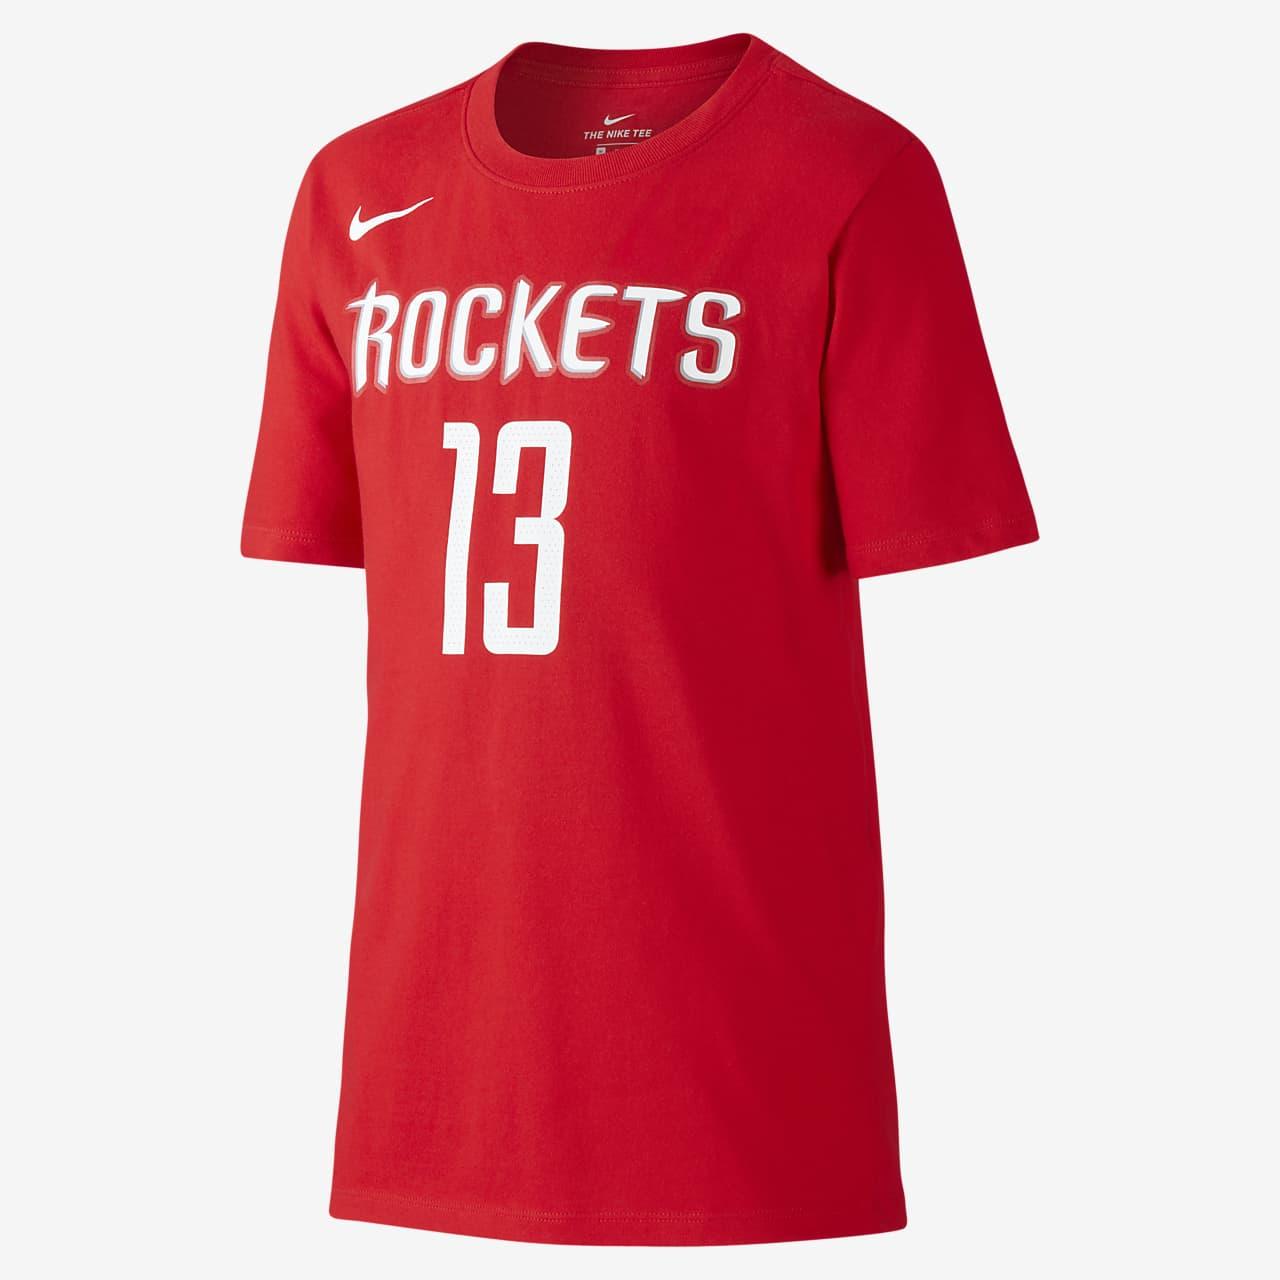 Nike Icon NBA Rockets (Harden) kosárlabdás póló nagyobb gyerekeknek (fiúk)